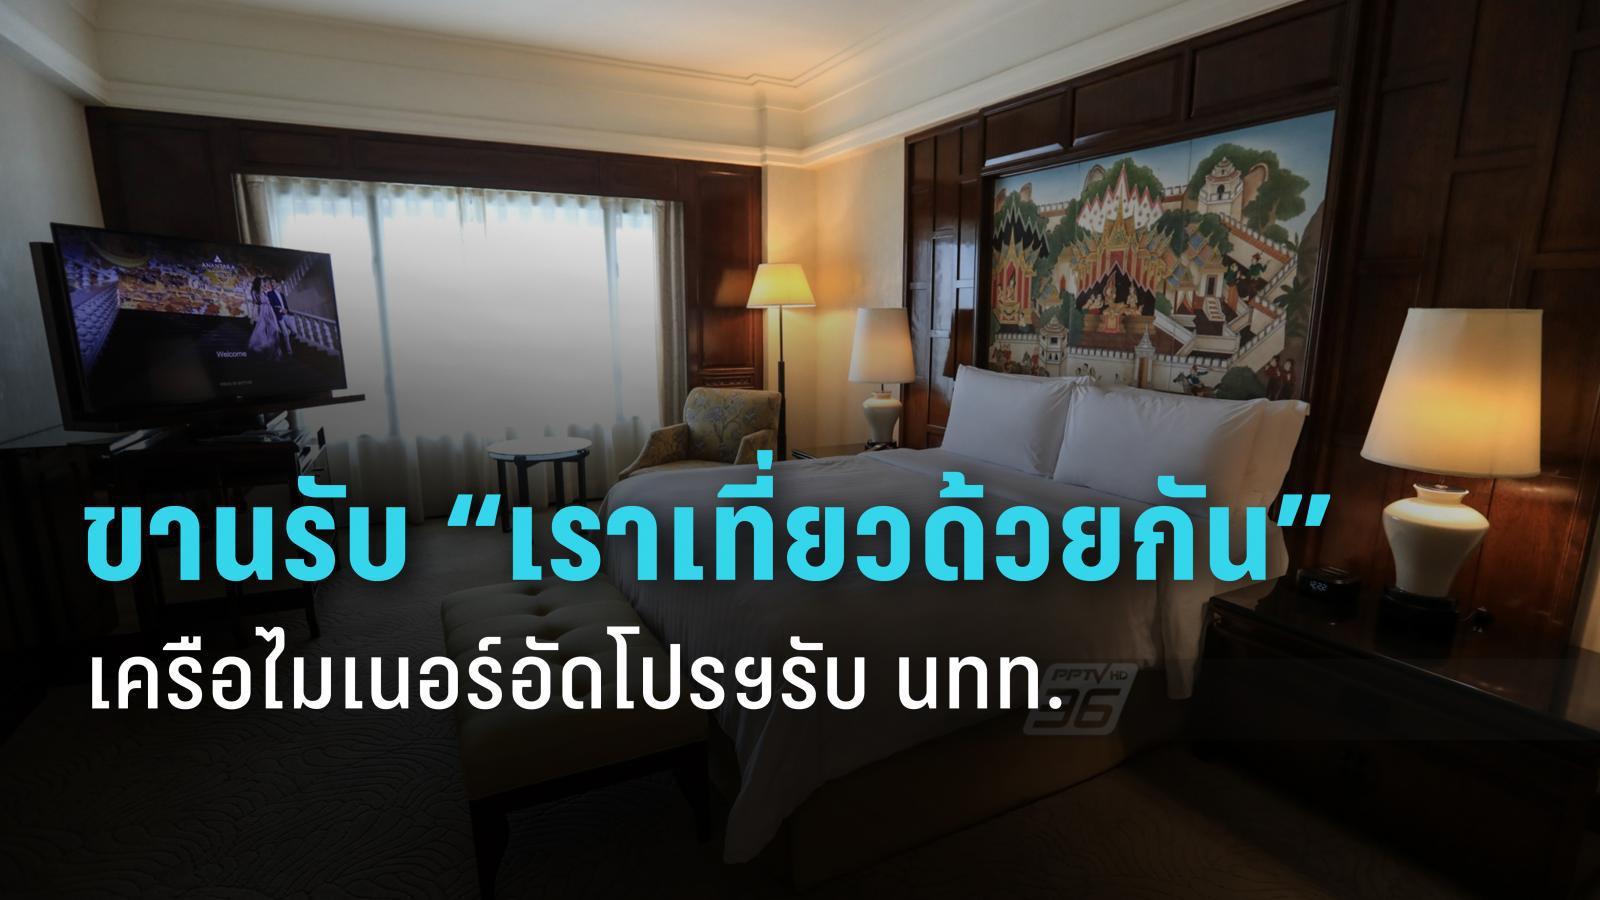 """โรงแรมเครือไมเนอร์พร้อมรับนักท่องเที่ยว จาก  """"เราเที่ยวด้วยกัน"""""""